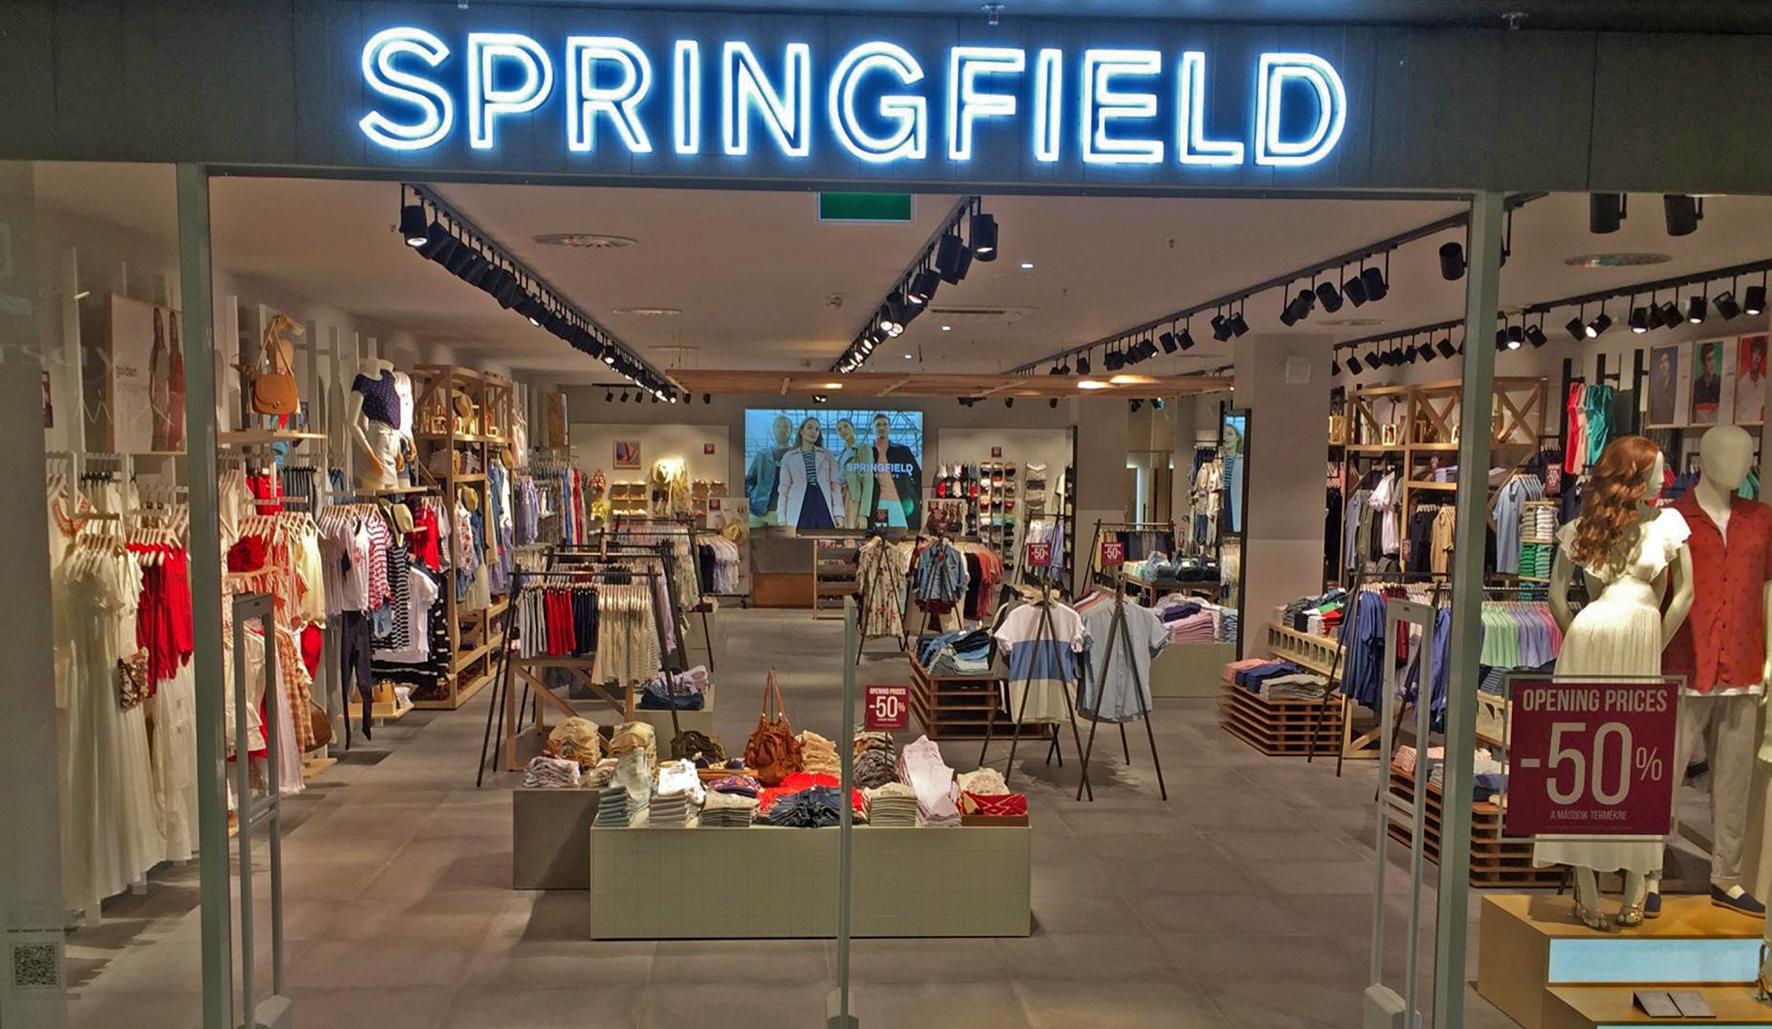 df07b6d5be36 Május 2-án megnyílt az első dunántúli Springfield a pécsi Árkád  földszintjén. A közel 320 négyzetméteres üzletben a világhírű spanyol márka  férfi és női ...